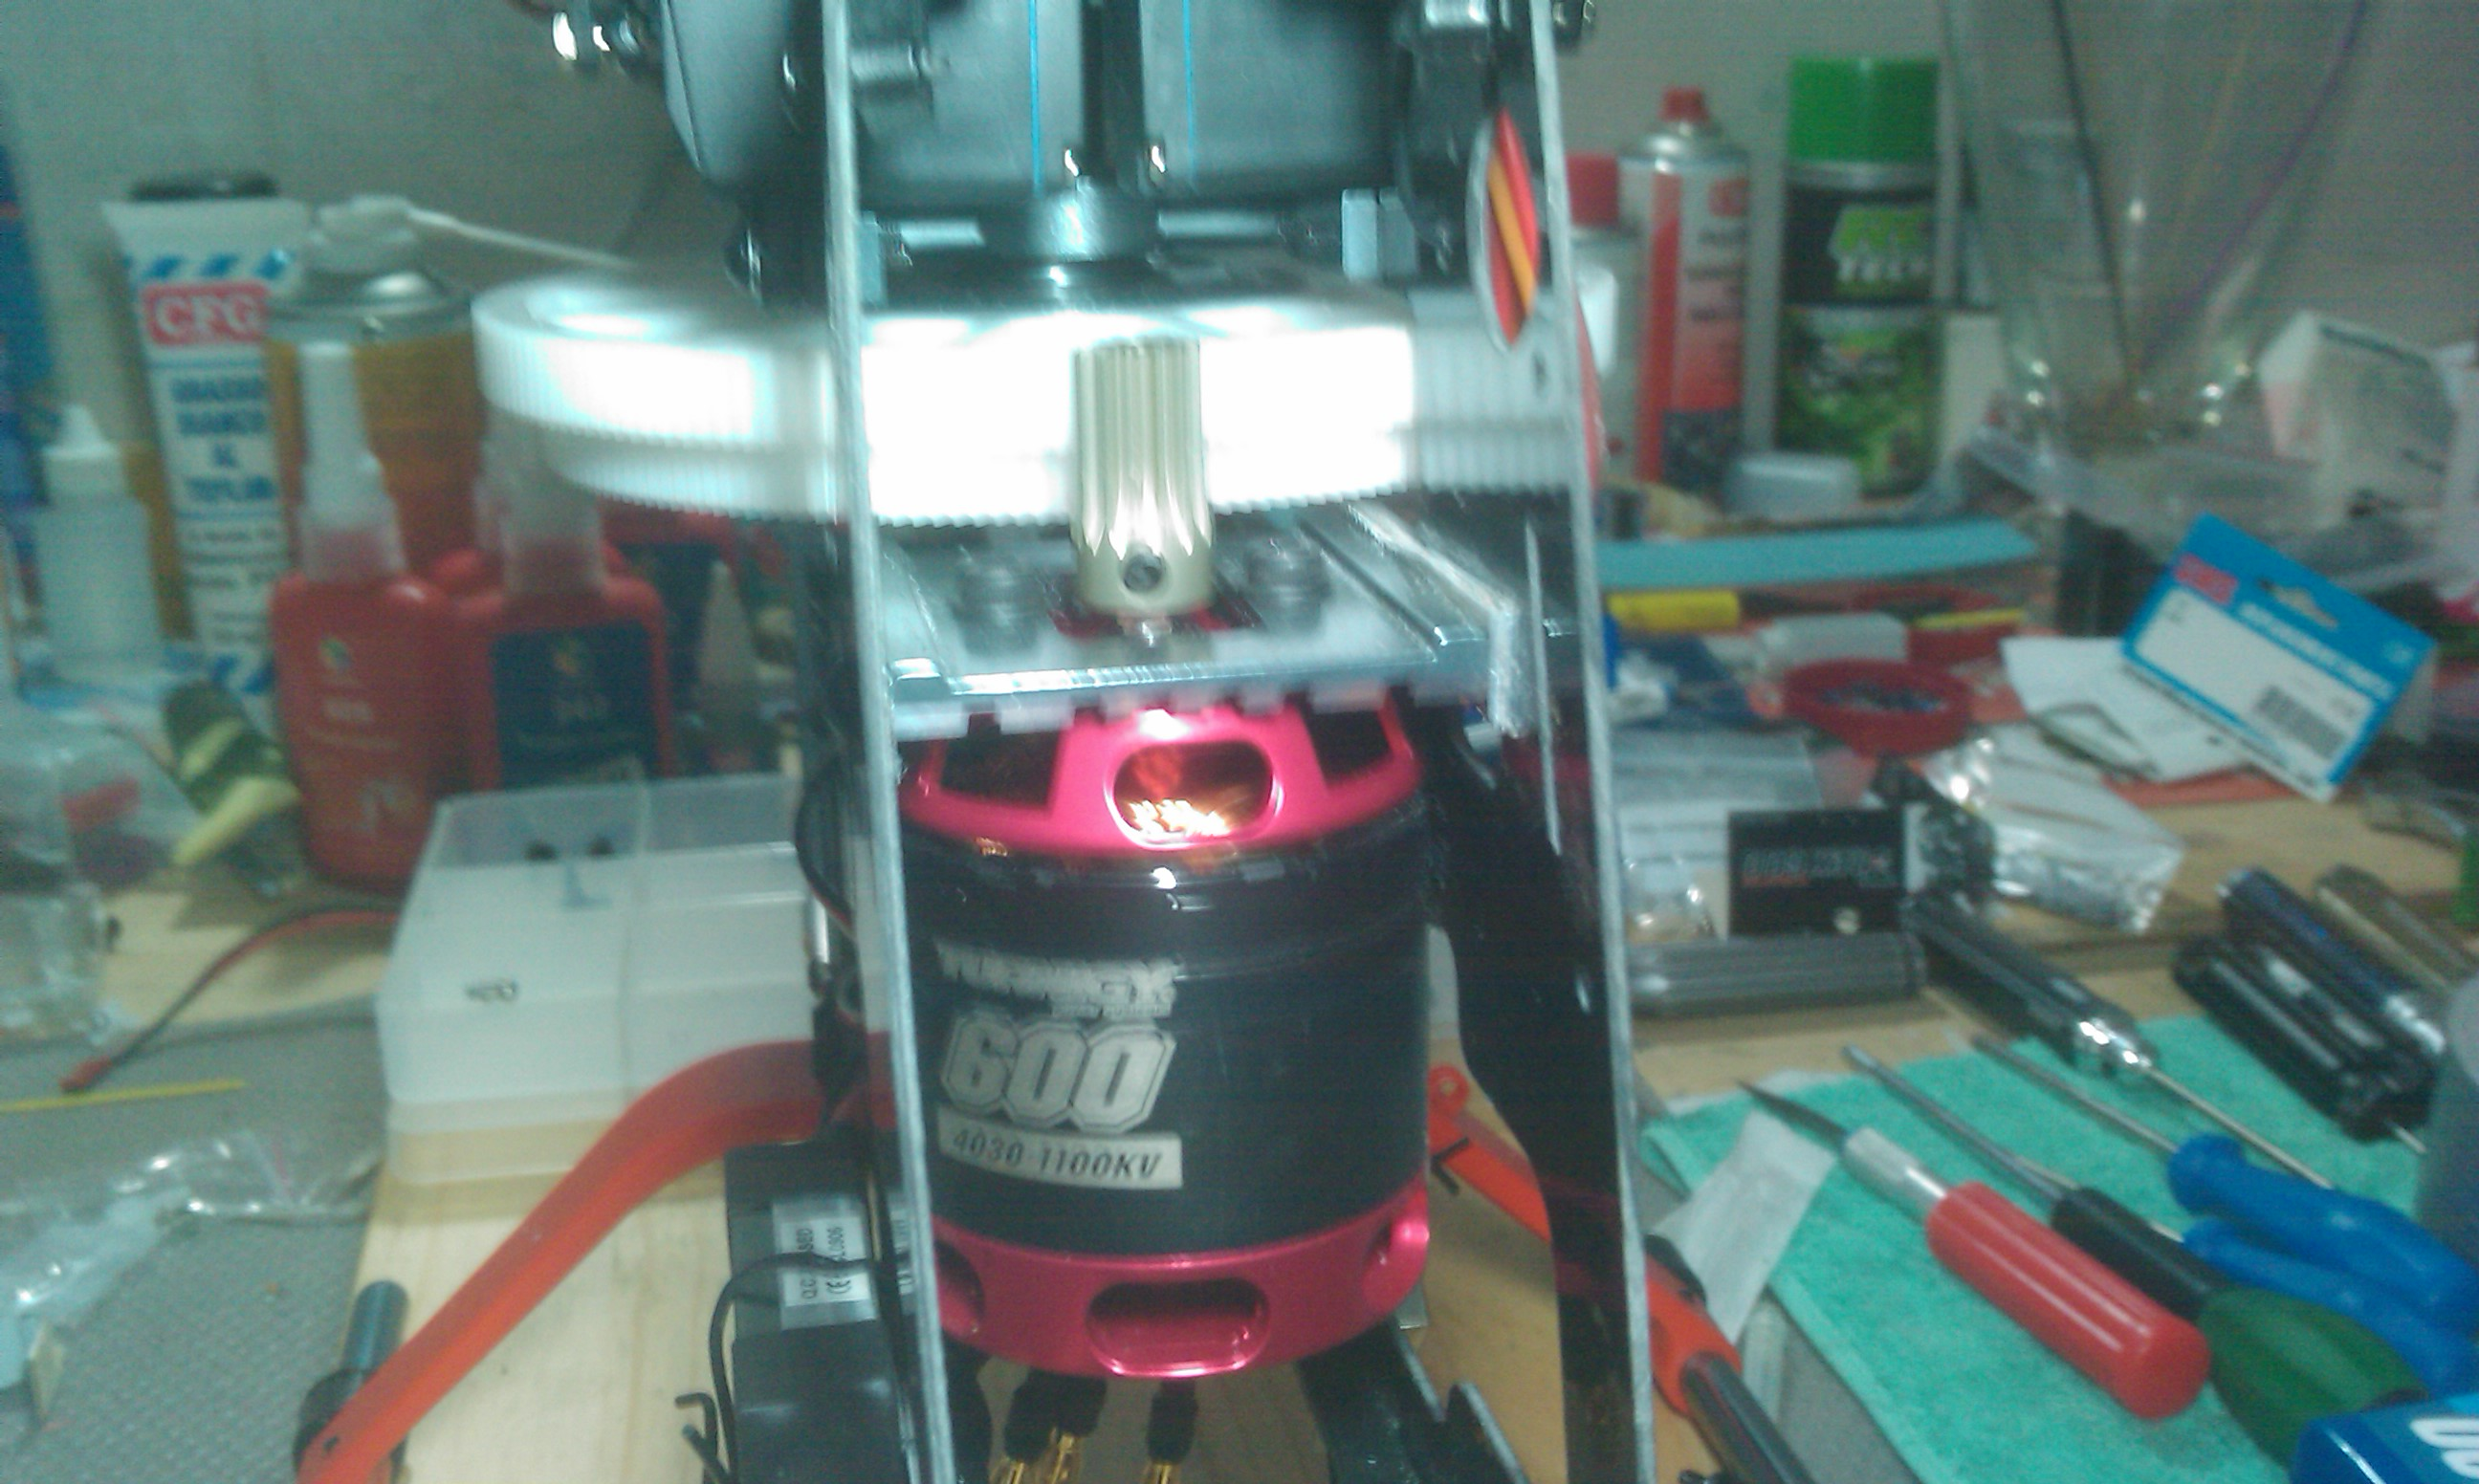 Turnigy T600 Brushless Outrunner For 600 Heli 1100kv